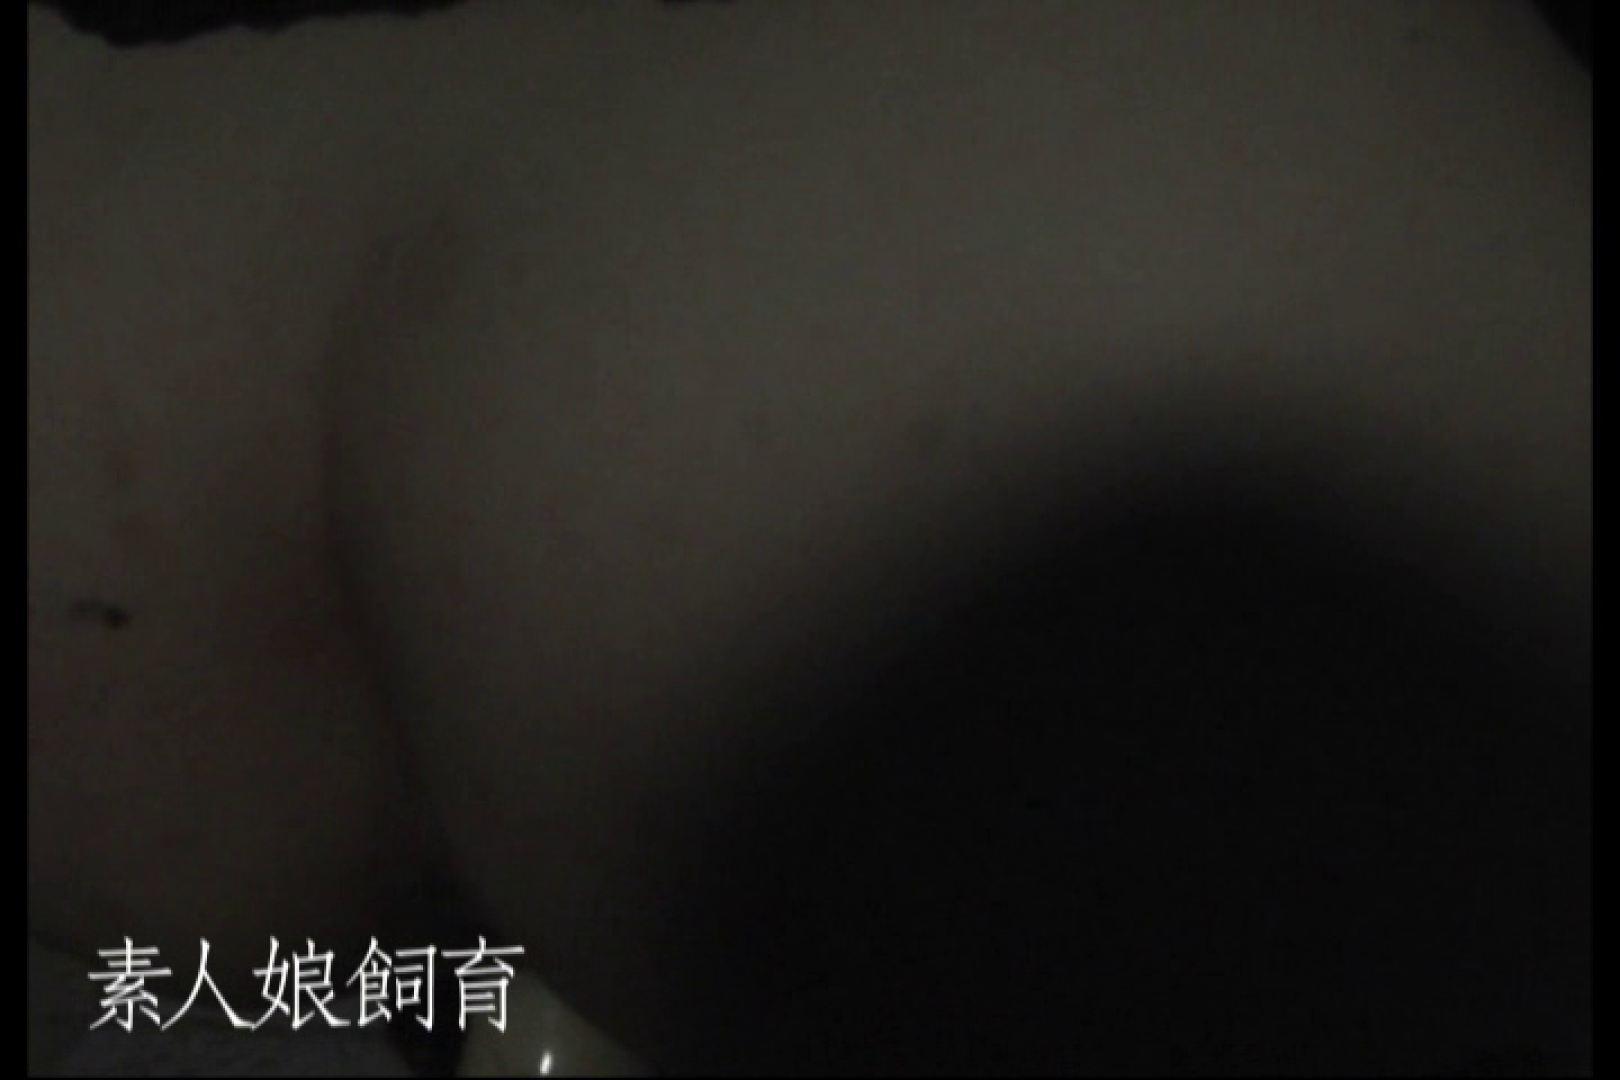 素人娘飼育~お前の餌は他人棒~公園でバイブとお漏らし 一般投稿 盗み撮り動画 77pic 27